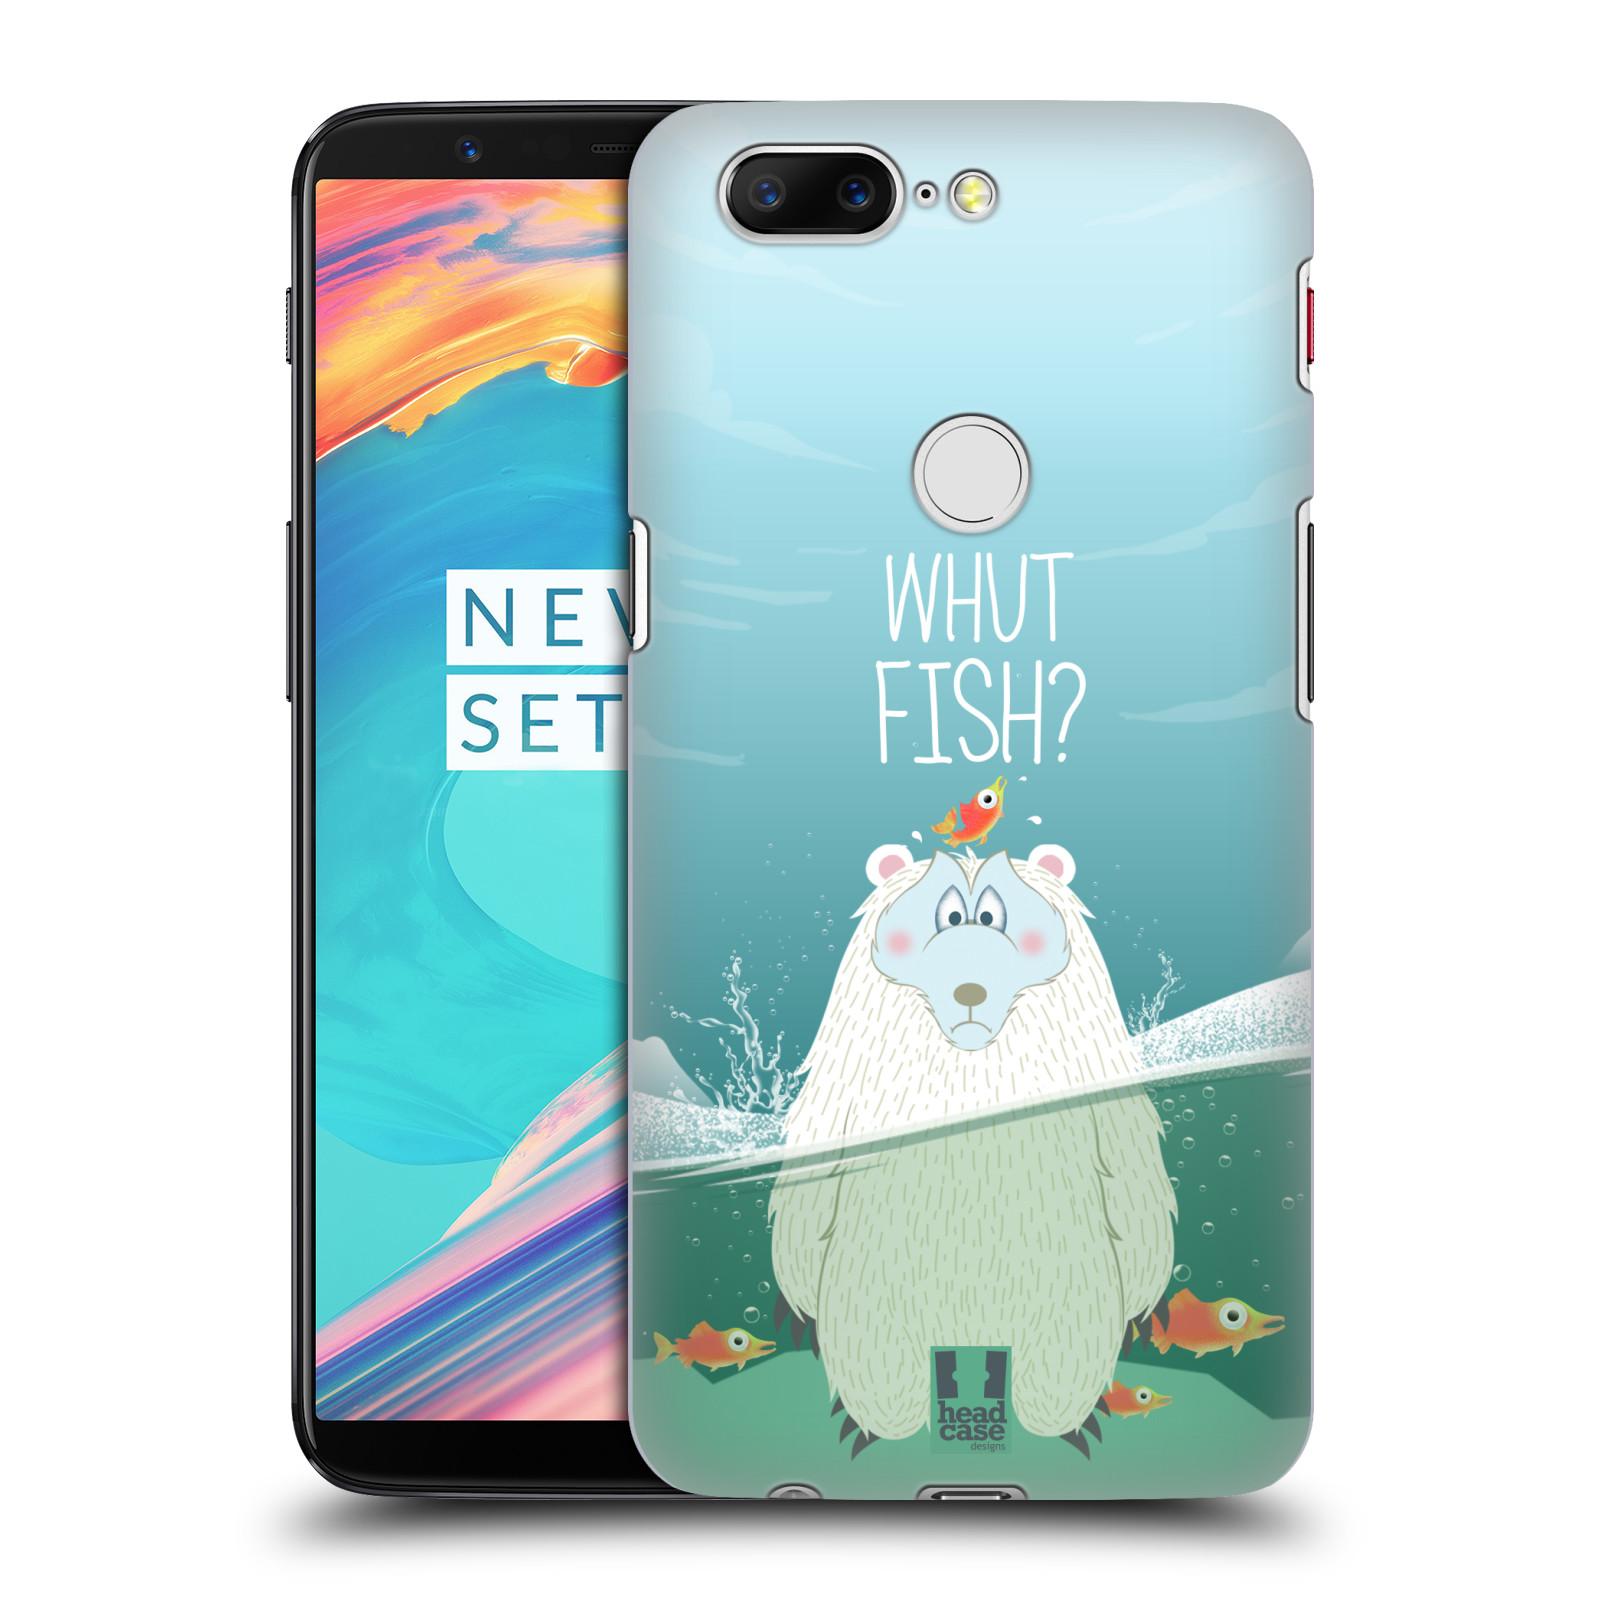 Plastové pouzdro na mobil OnePlus 5T - Head Case - Medvěd Whut Fish?